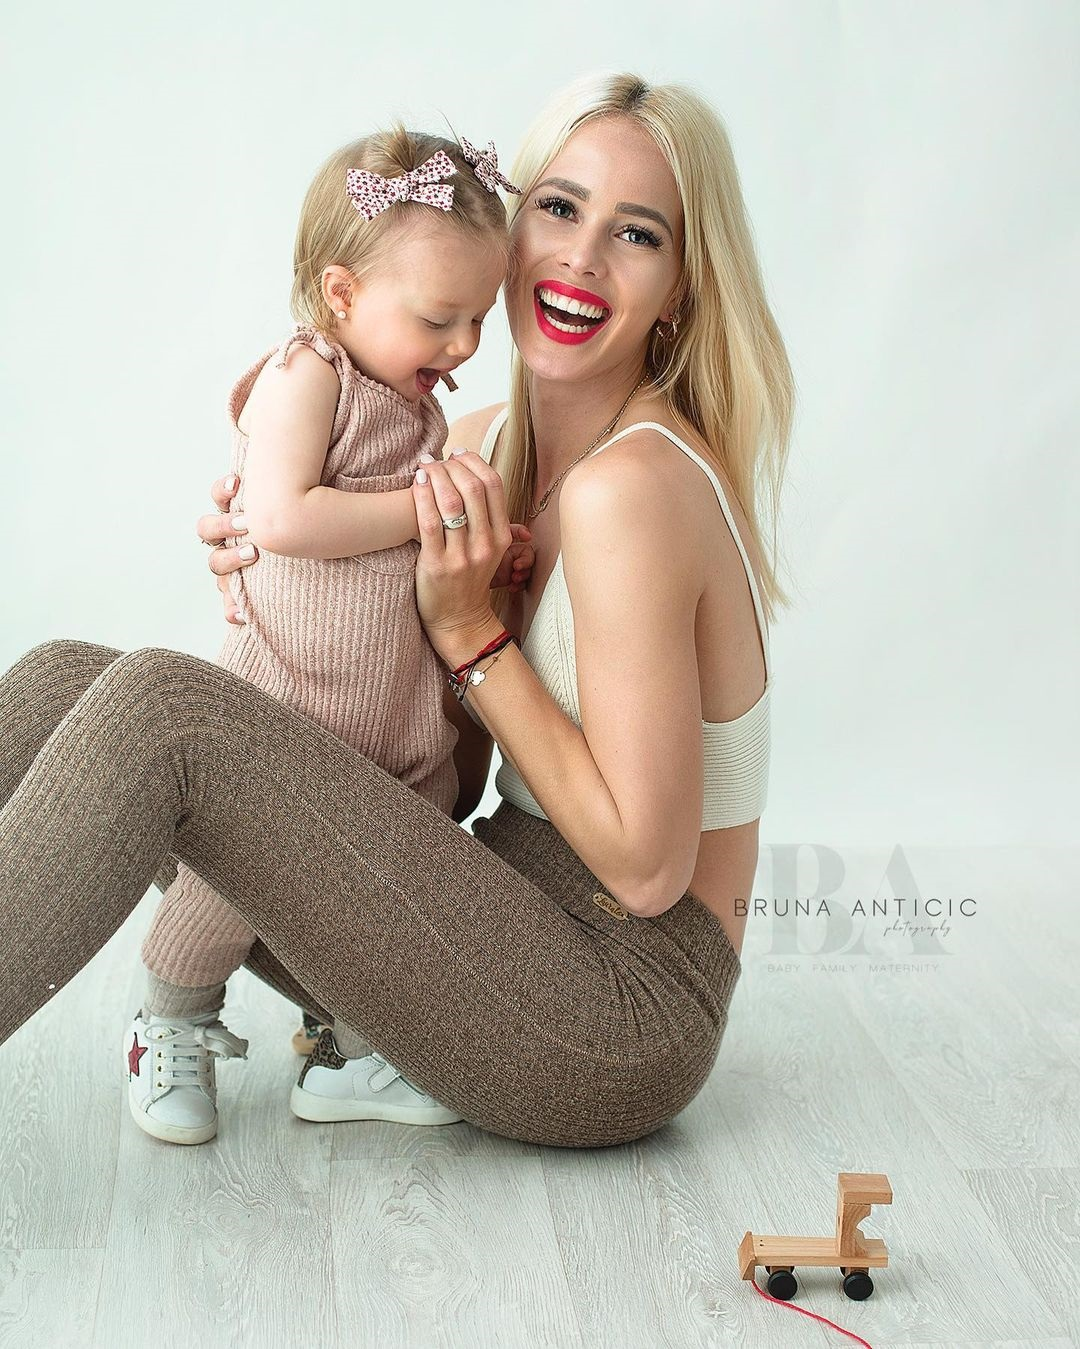 Гордись собой и своим телом! Самая красивая баскетболистка прекрасна в роли мамы